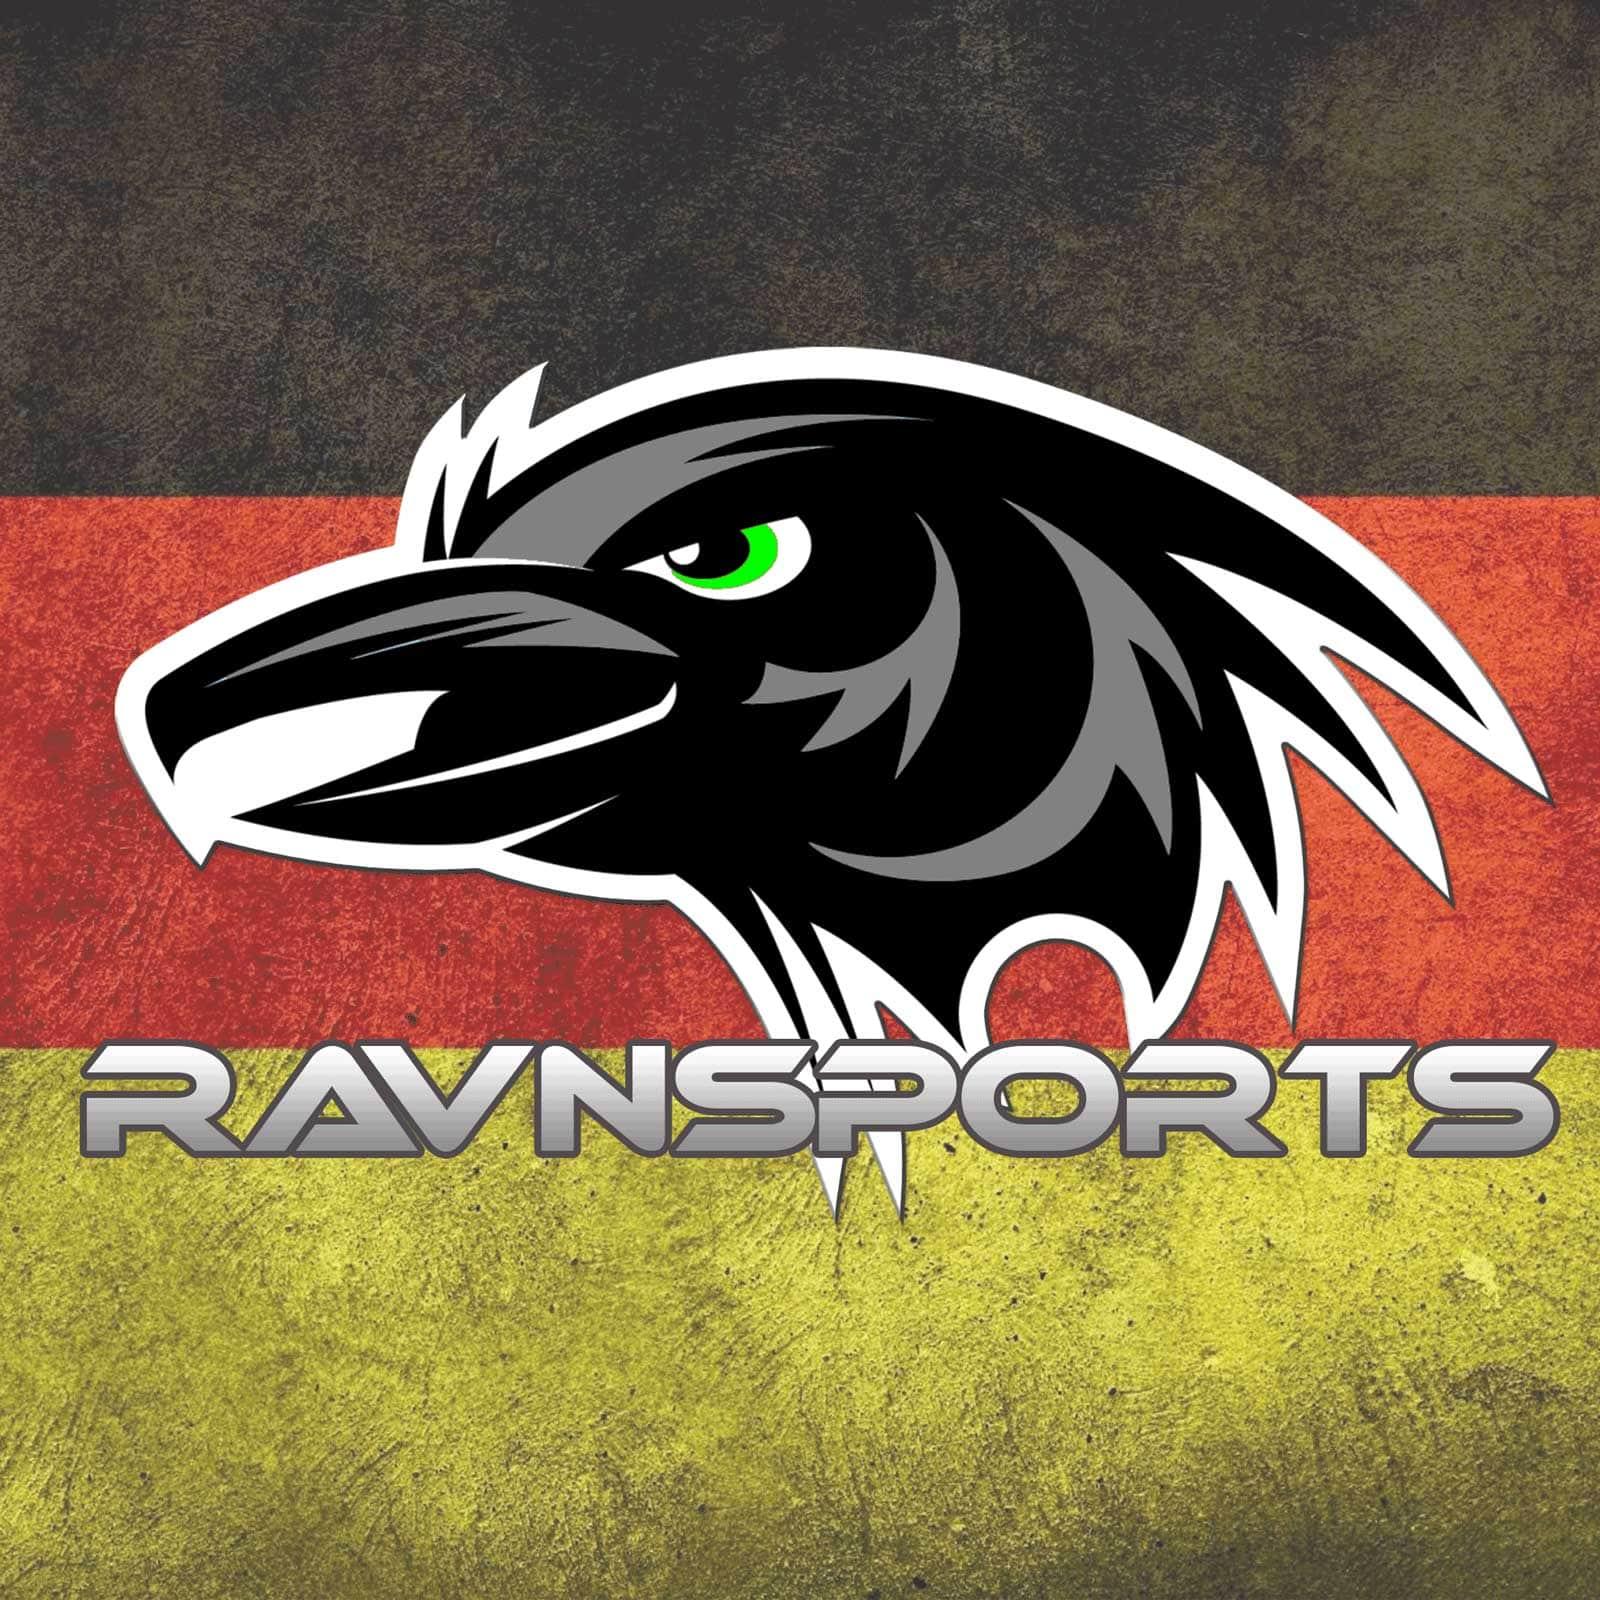 ravensports-gaming-csgo-logo-liebespixel-webdesign-print-kirchheim-german-flag